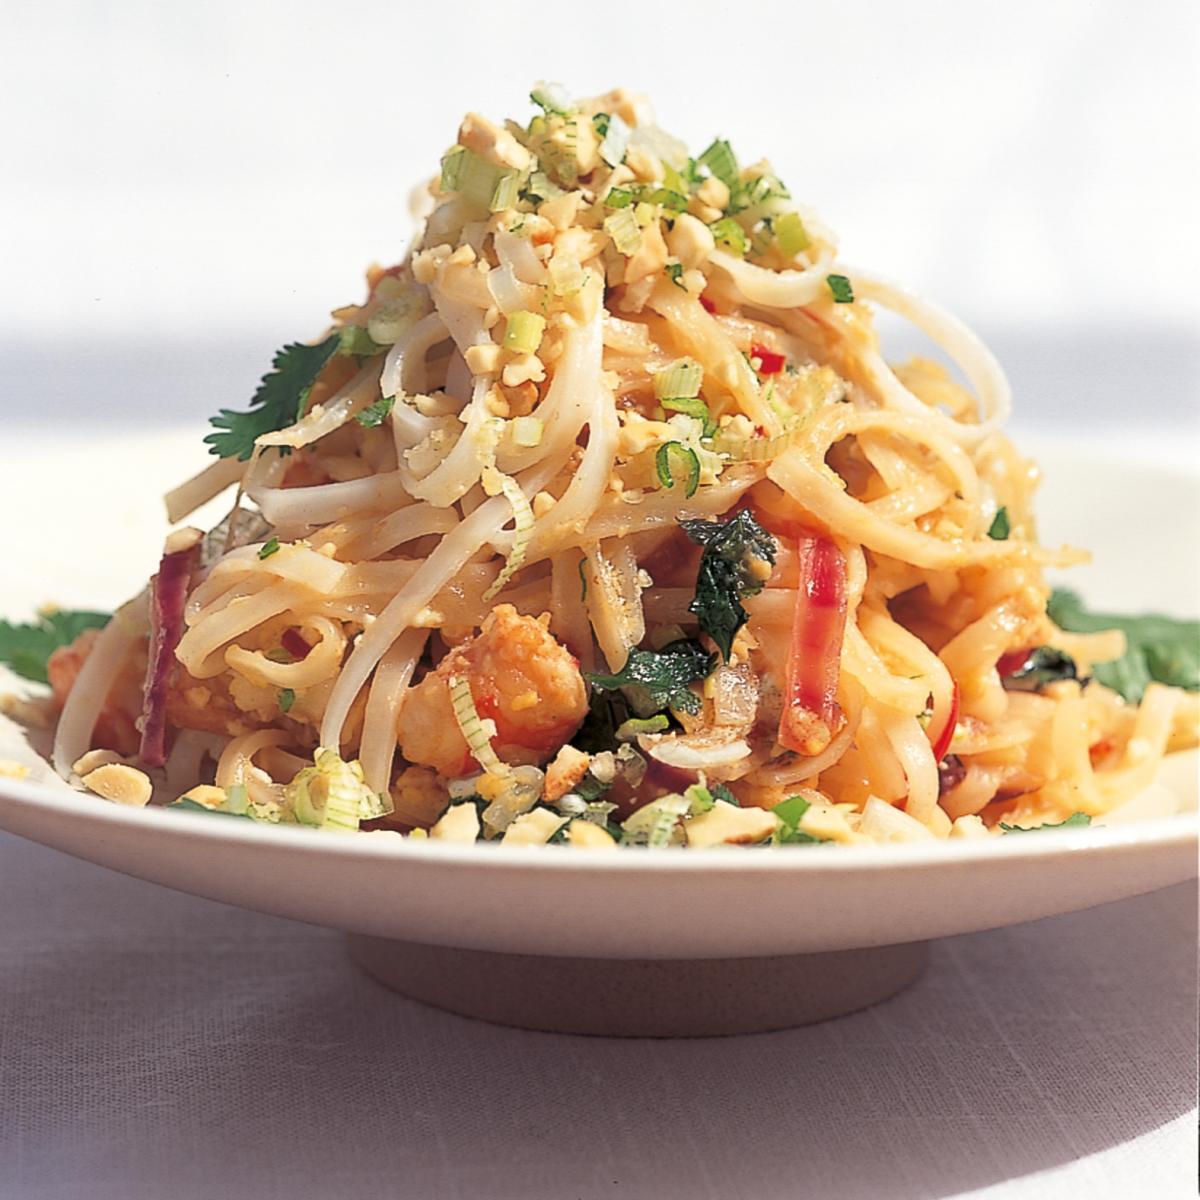 Htc pad thai noodles with shrimps